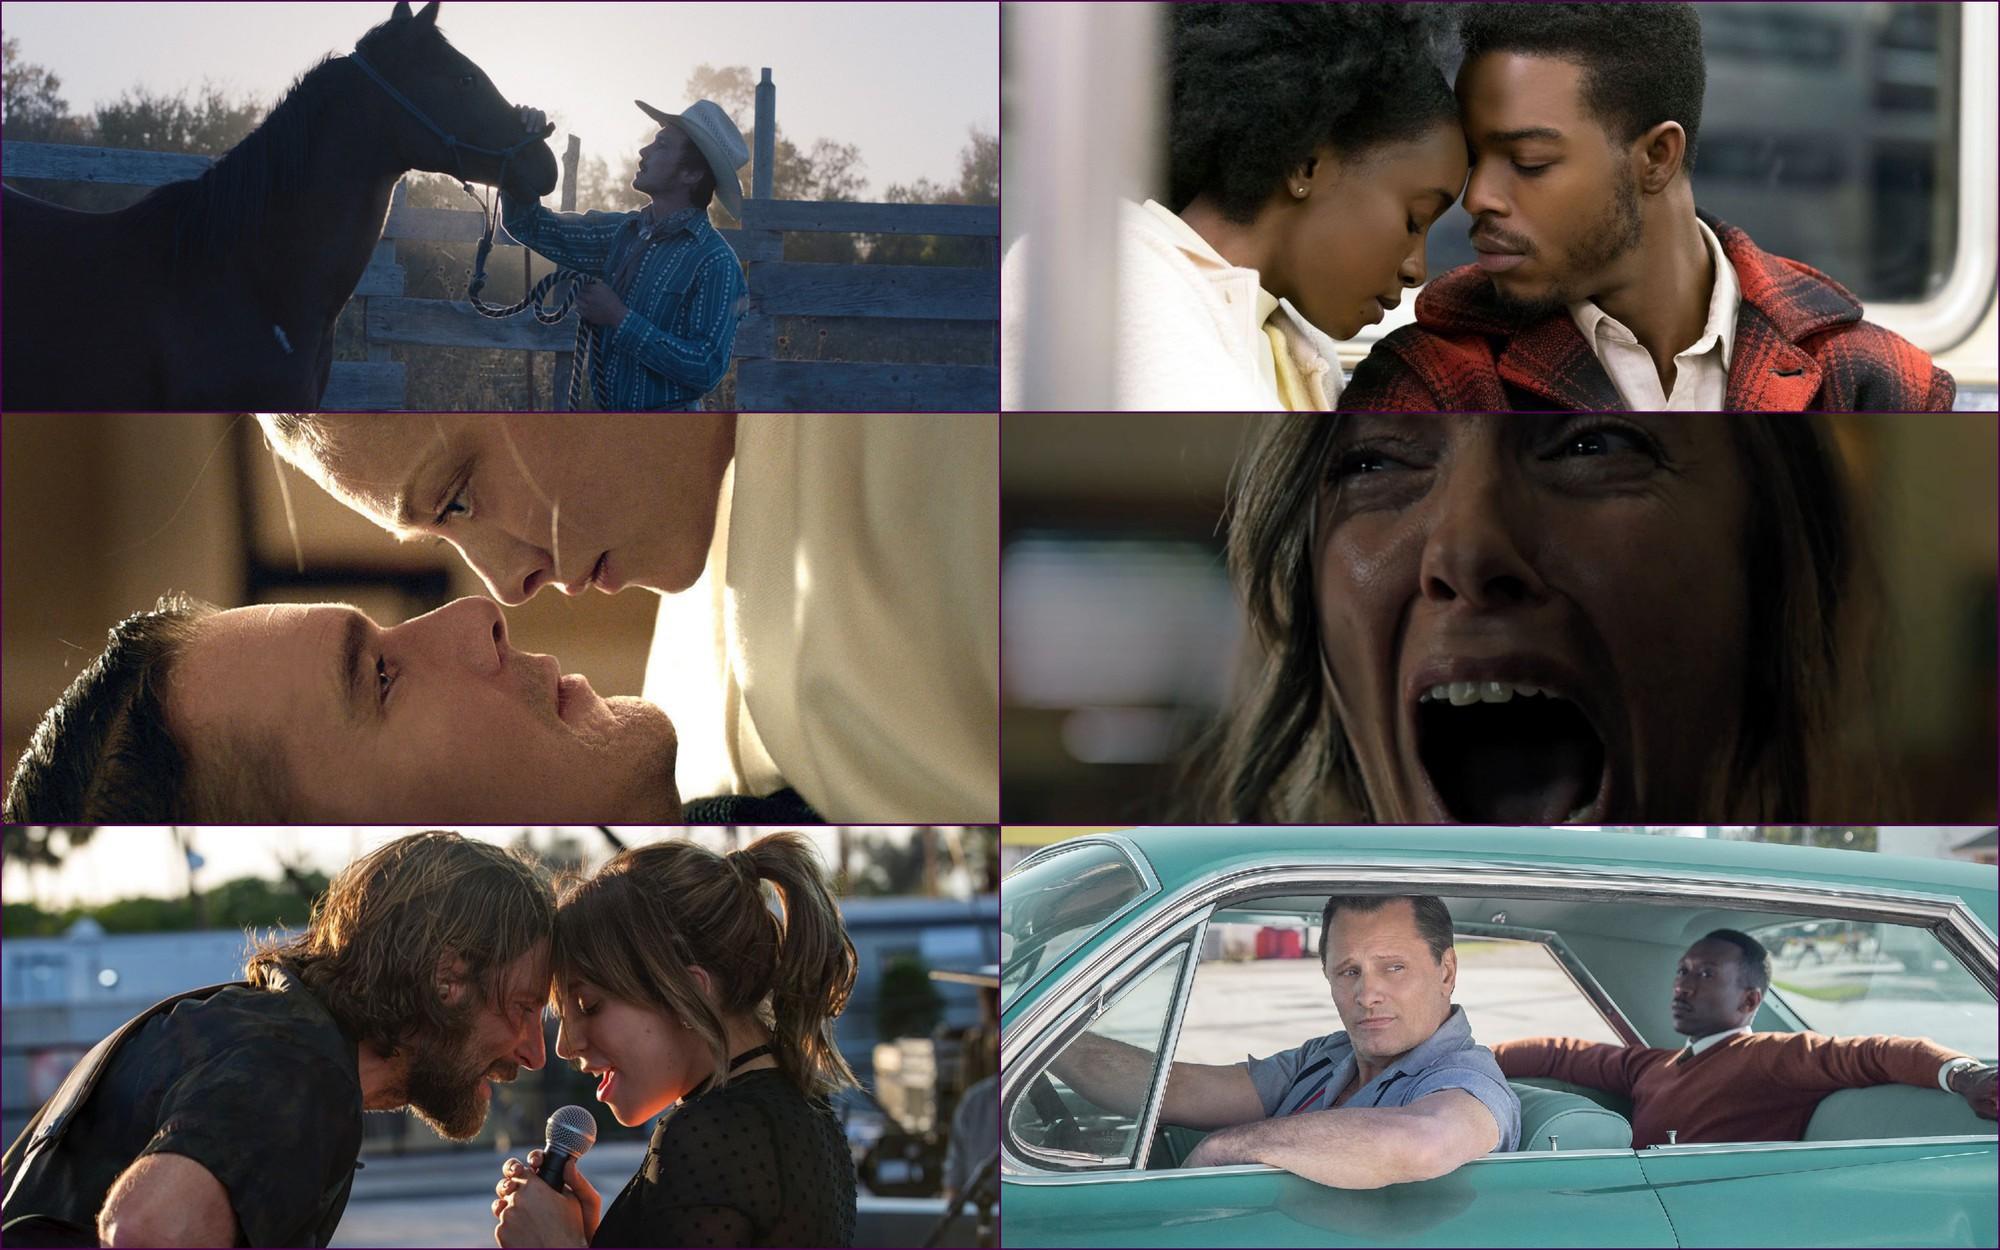 Mùa giải thưởng điện ảnh Mỹ cuối năm bắt đầu đua tranh khốc liệt